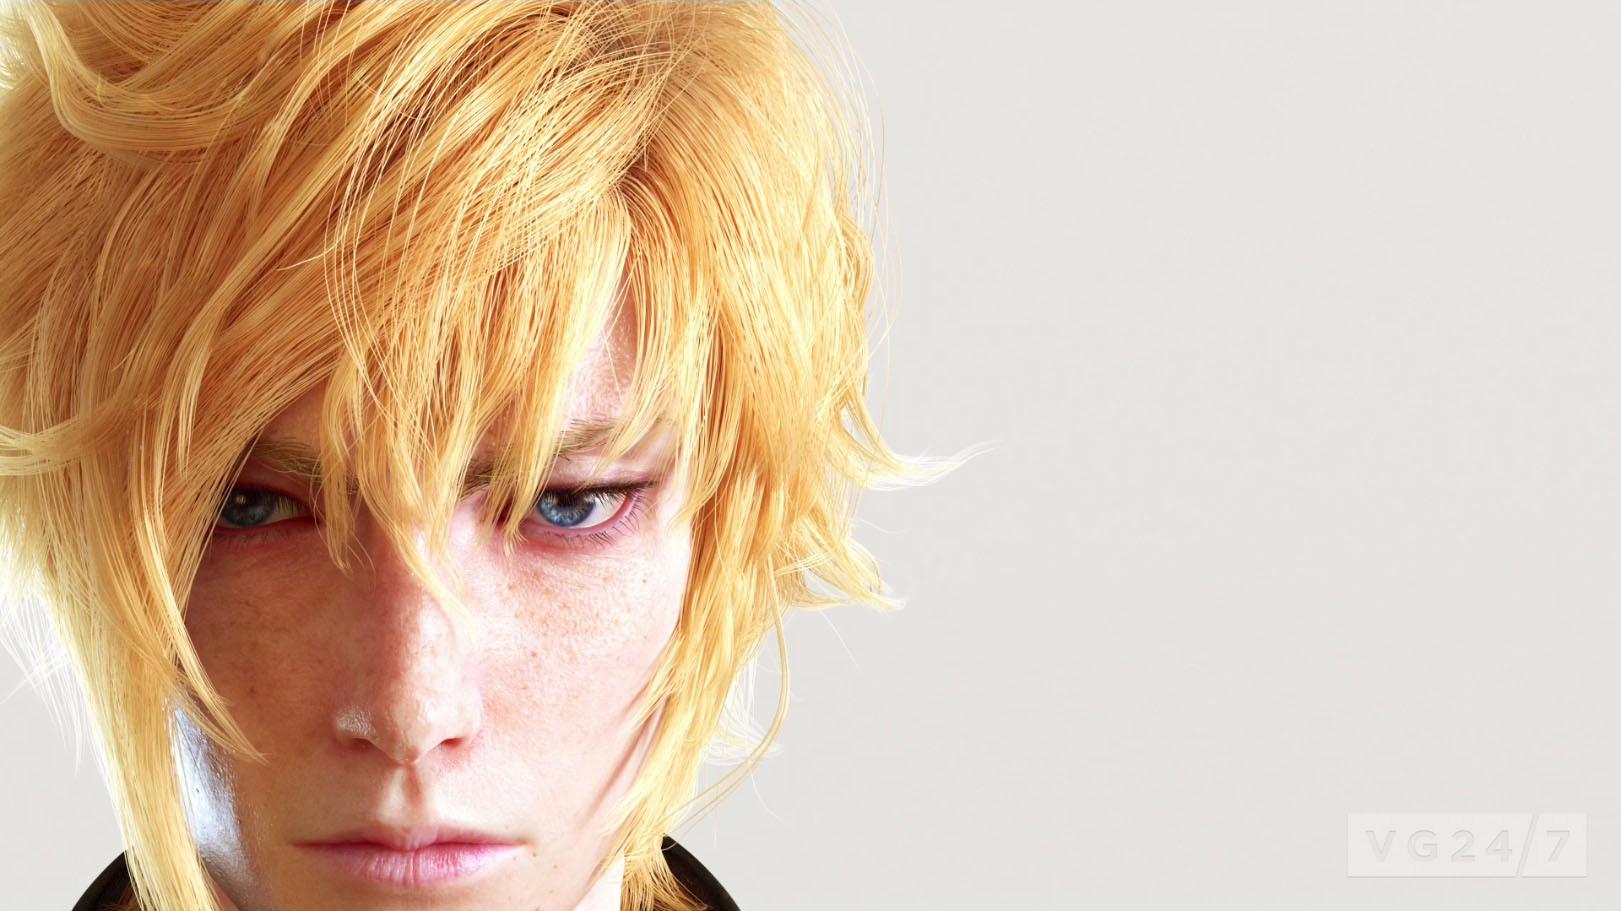 Final Fantasy 15 gets five character descriptions - VG247